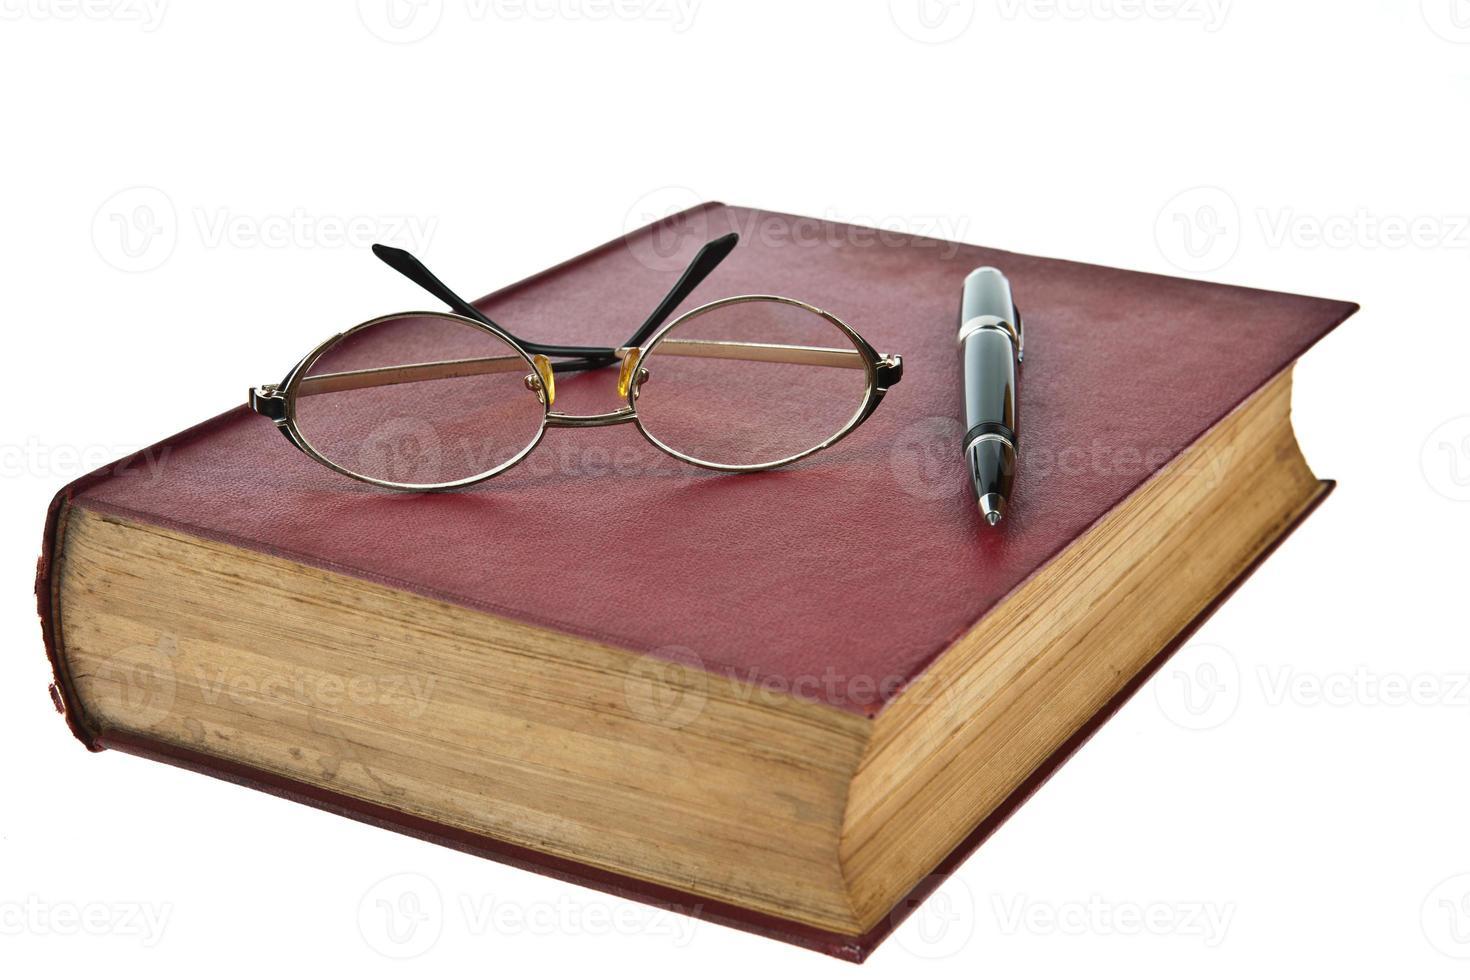 alte Bücher mit Brille und Stift lokalisiert auf Weiß foto